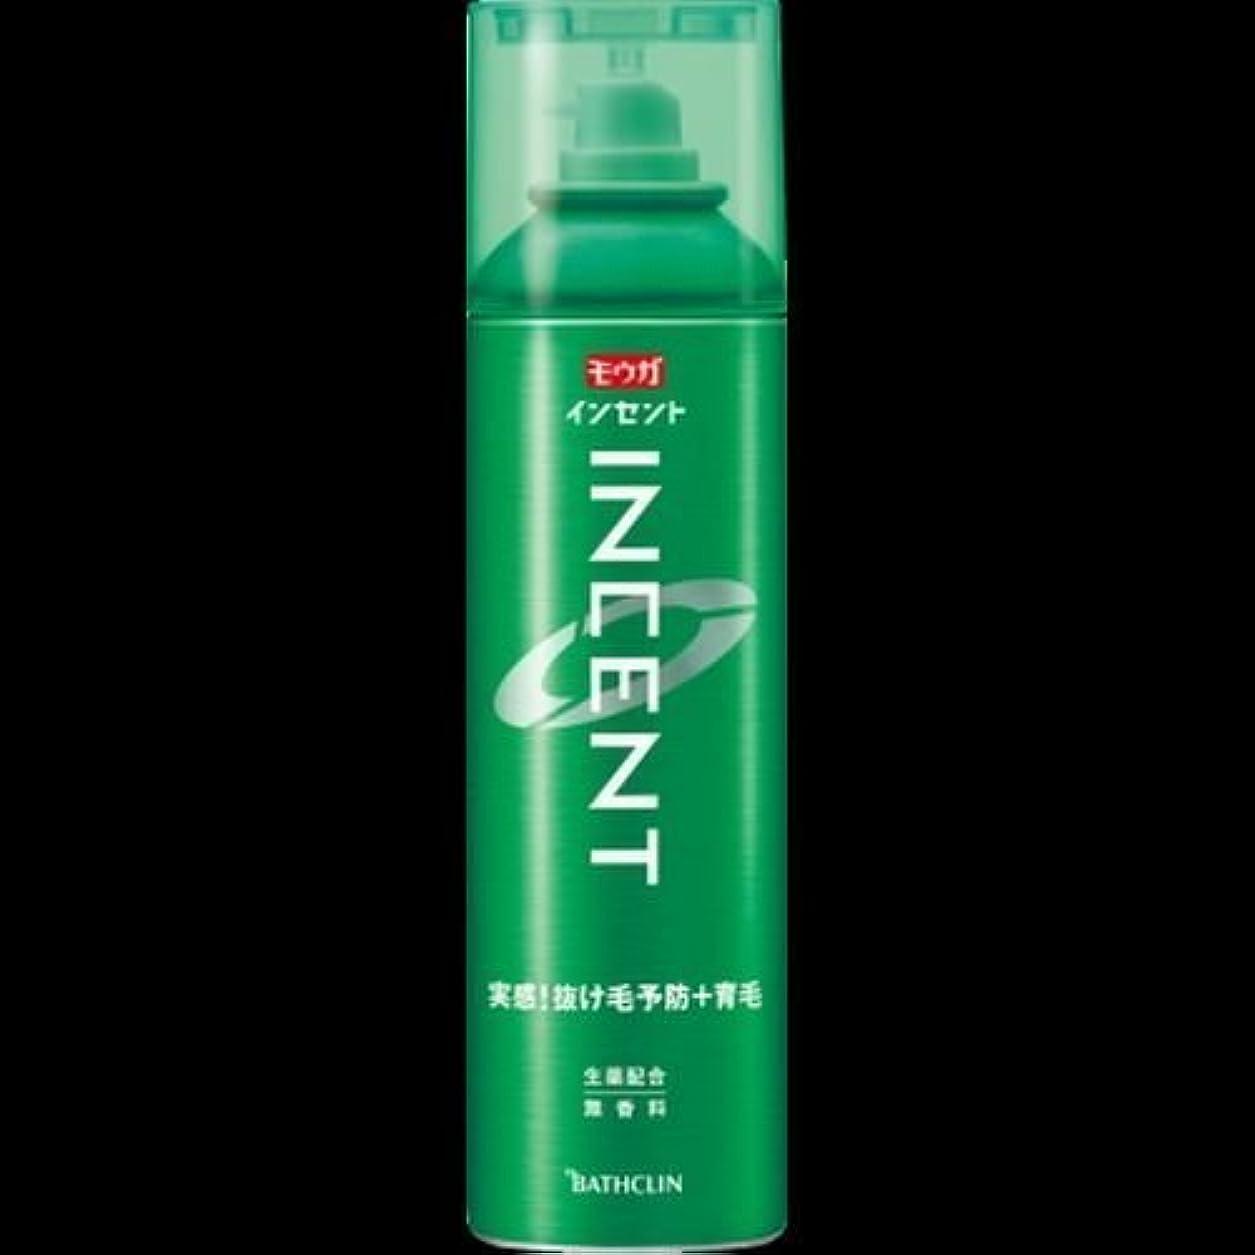 【まとめ買い】モウガ インセント薬用育毛トニック180g ×2セット